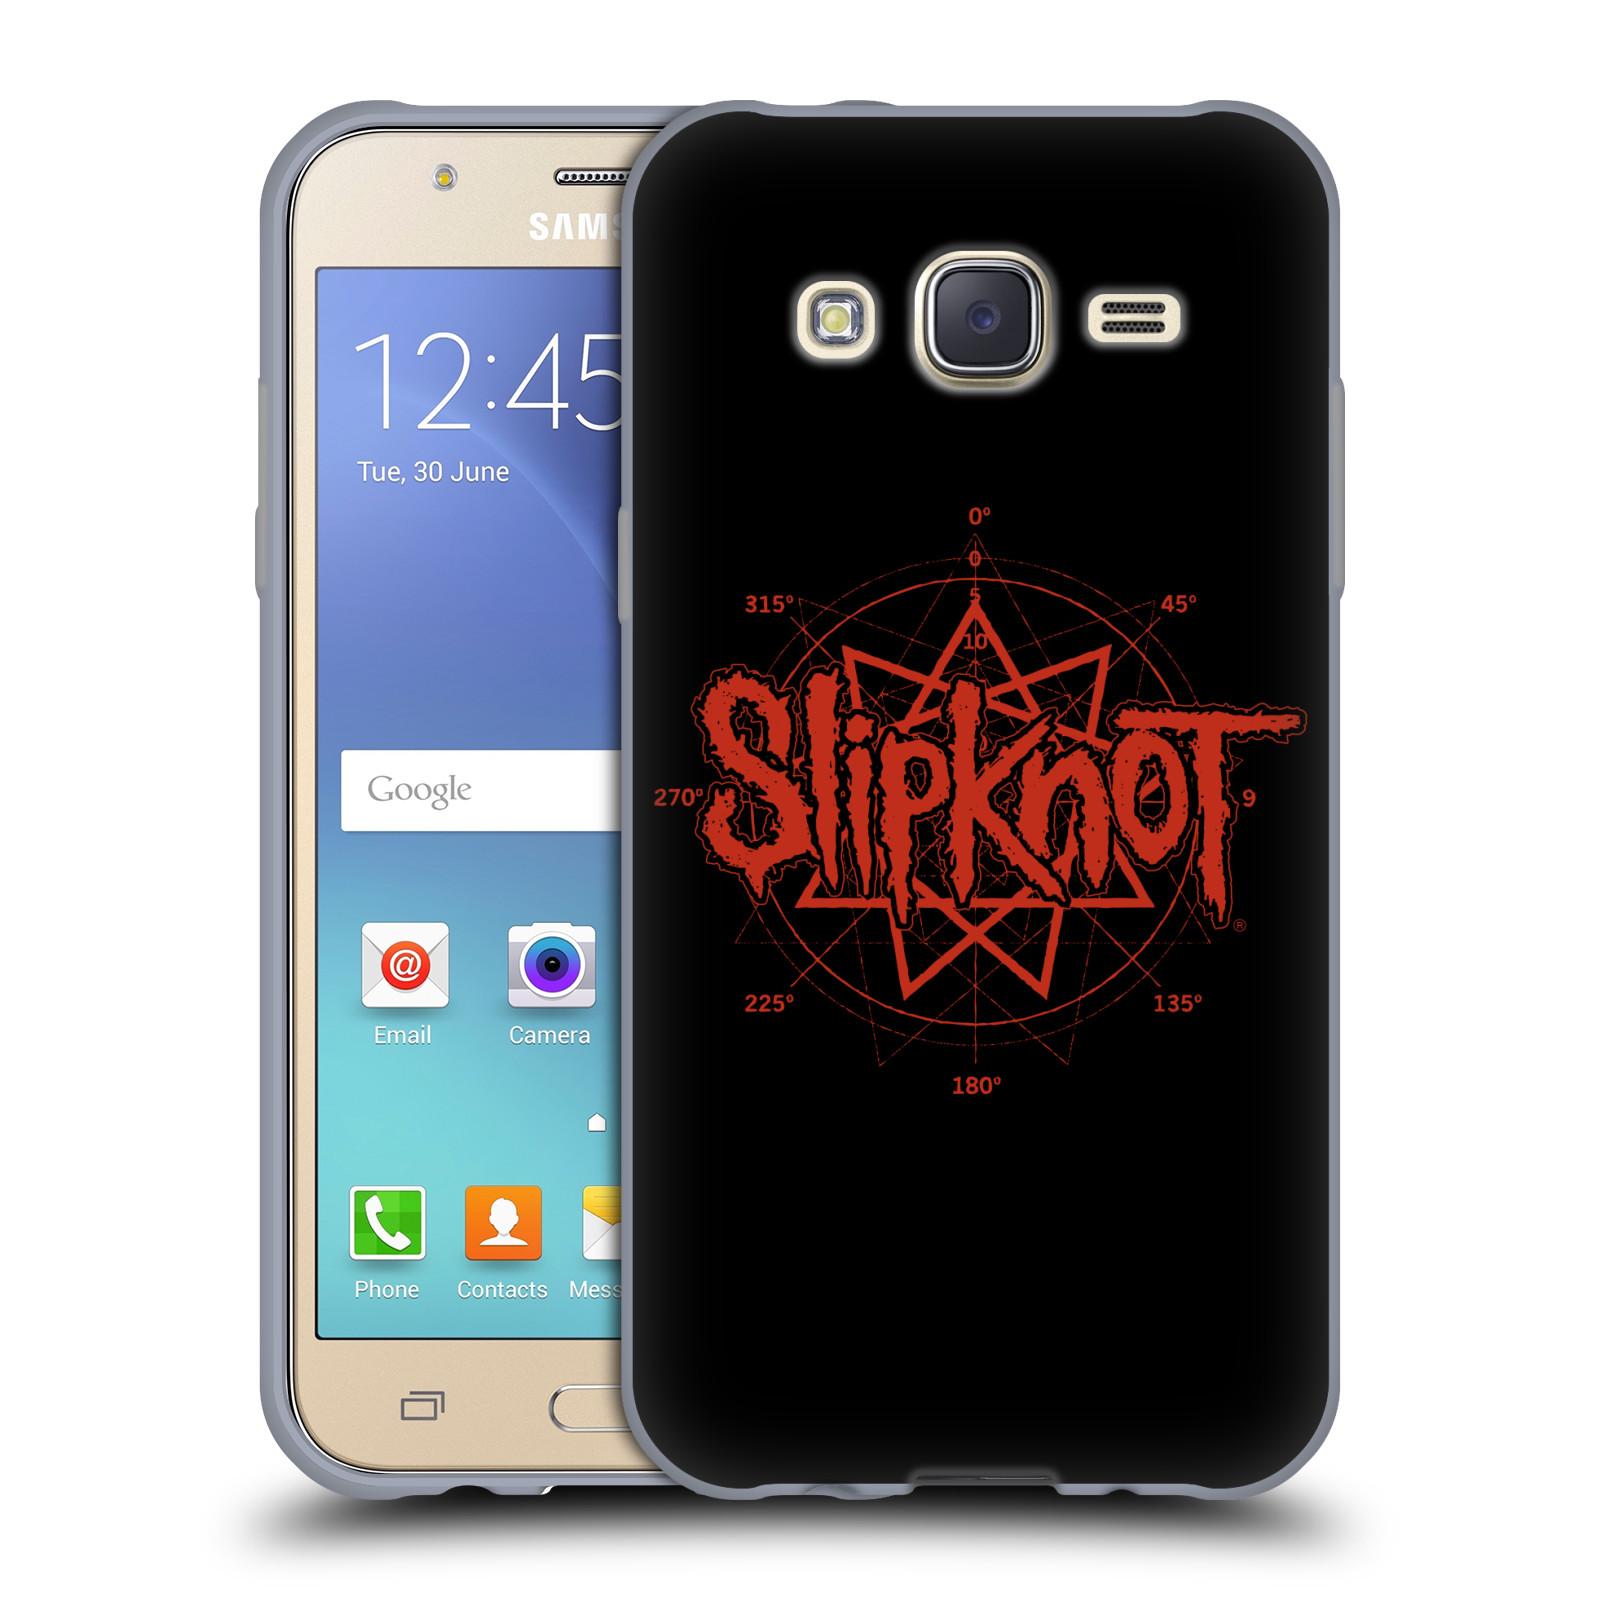 HEAD CASE silikonový obal na mobil Samsung Galaxy J5 2015 (J500) hudební skupina Slipknot logo